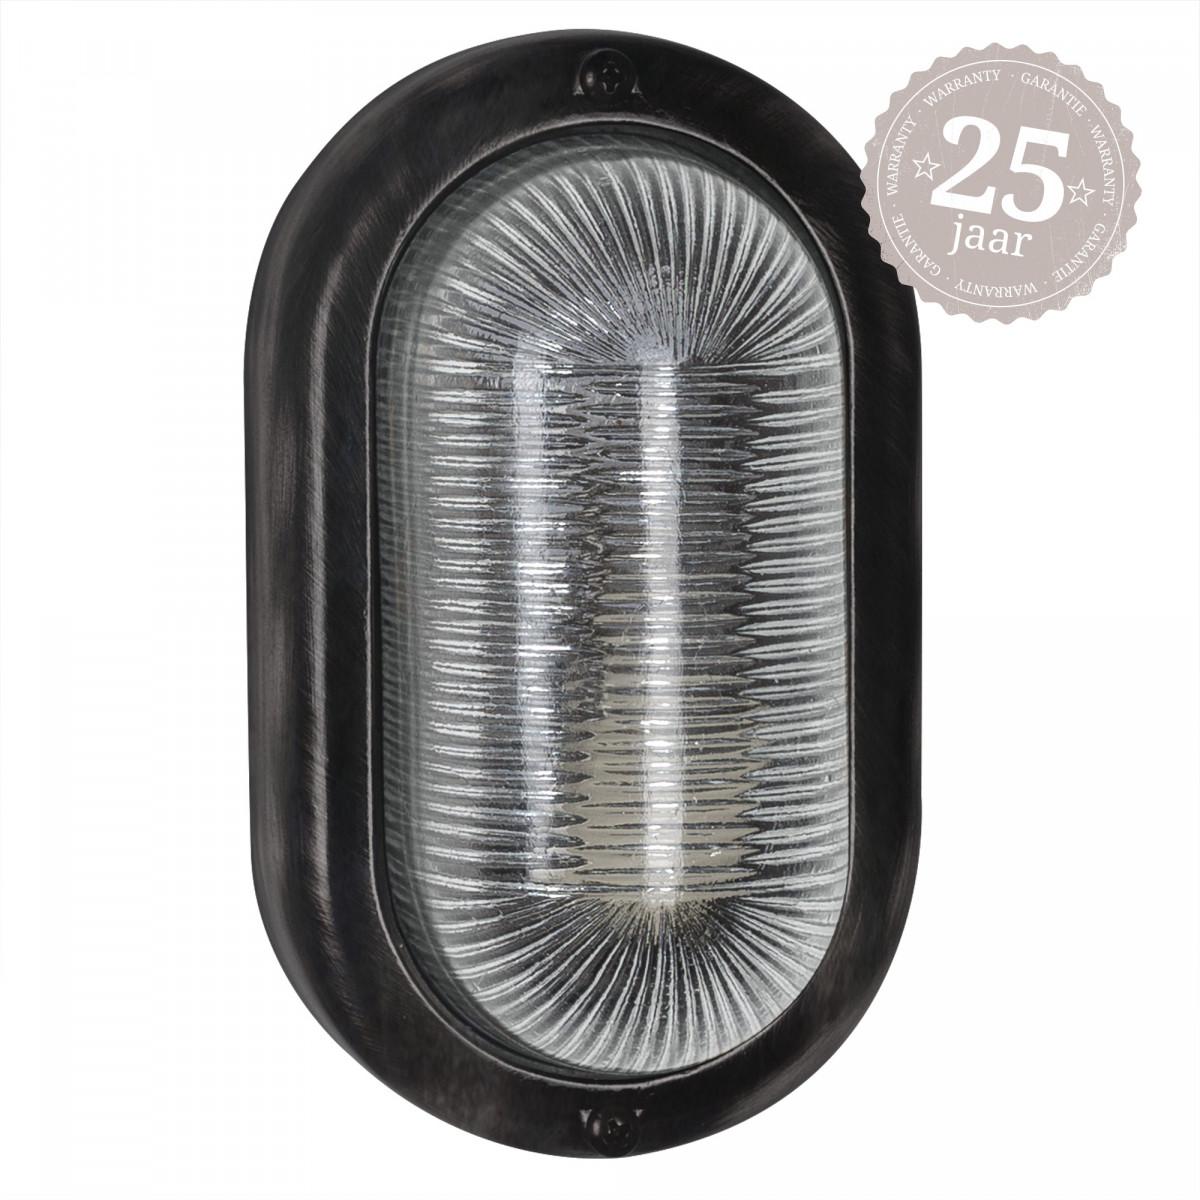 Ochi black brons scheepslamp